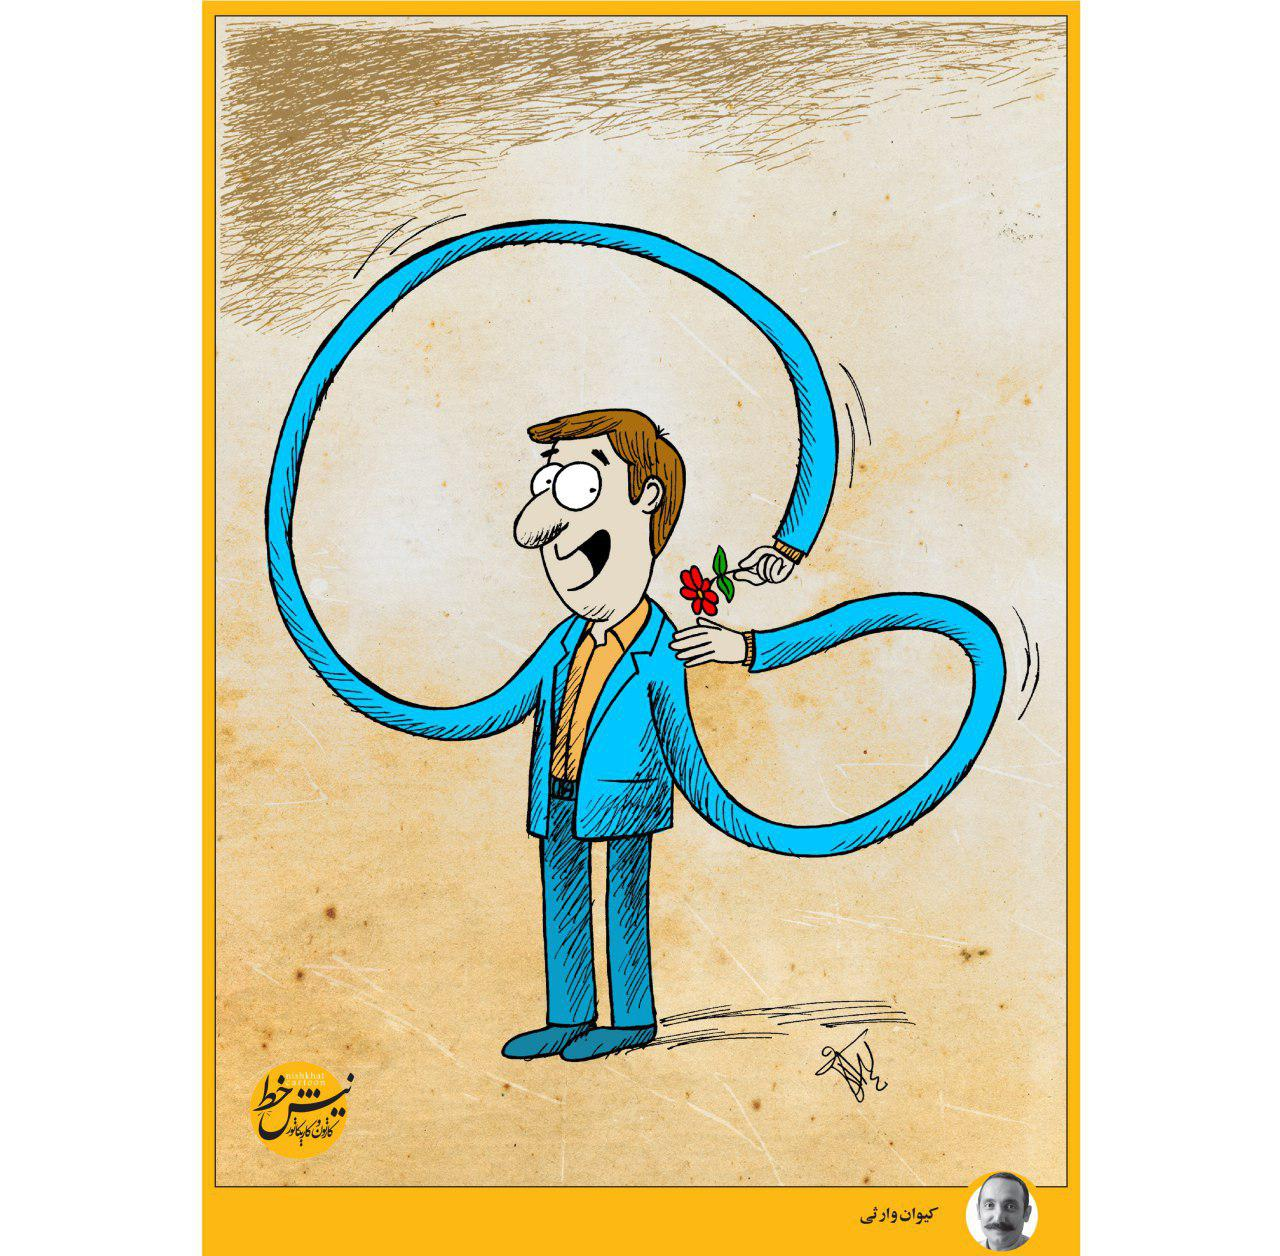 کاریکاتور/ روز ولنتاین و آدم های تنها...